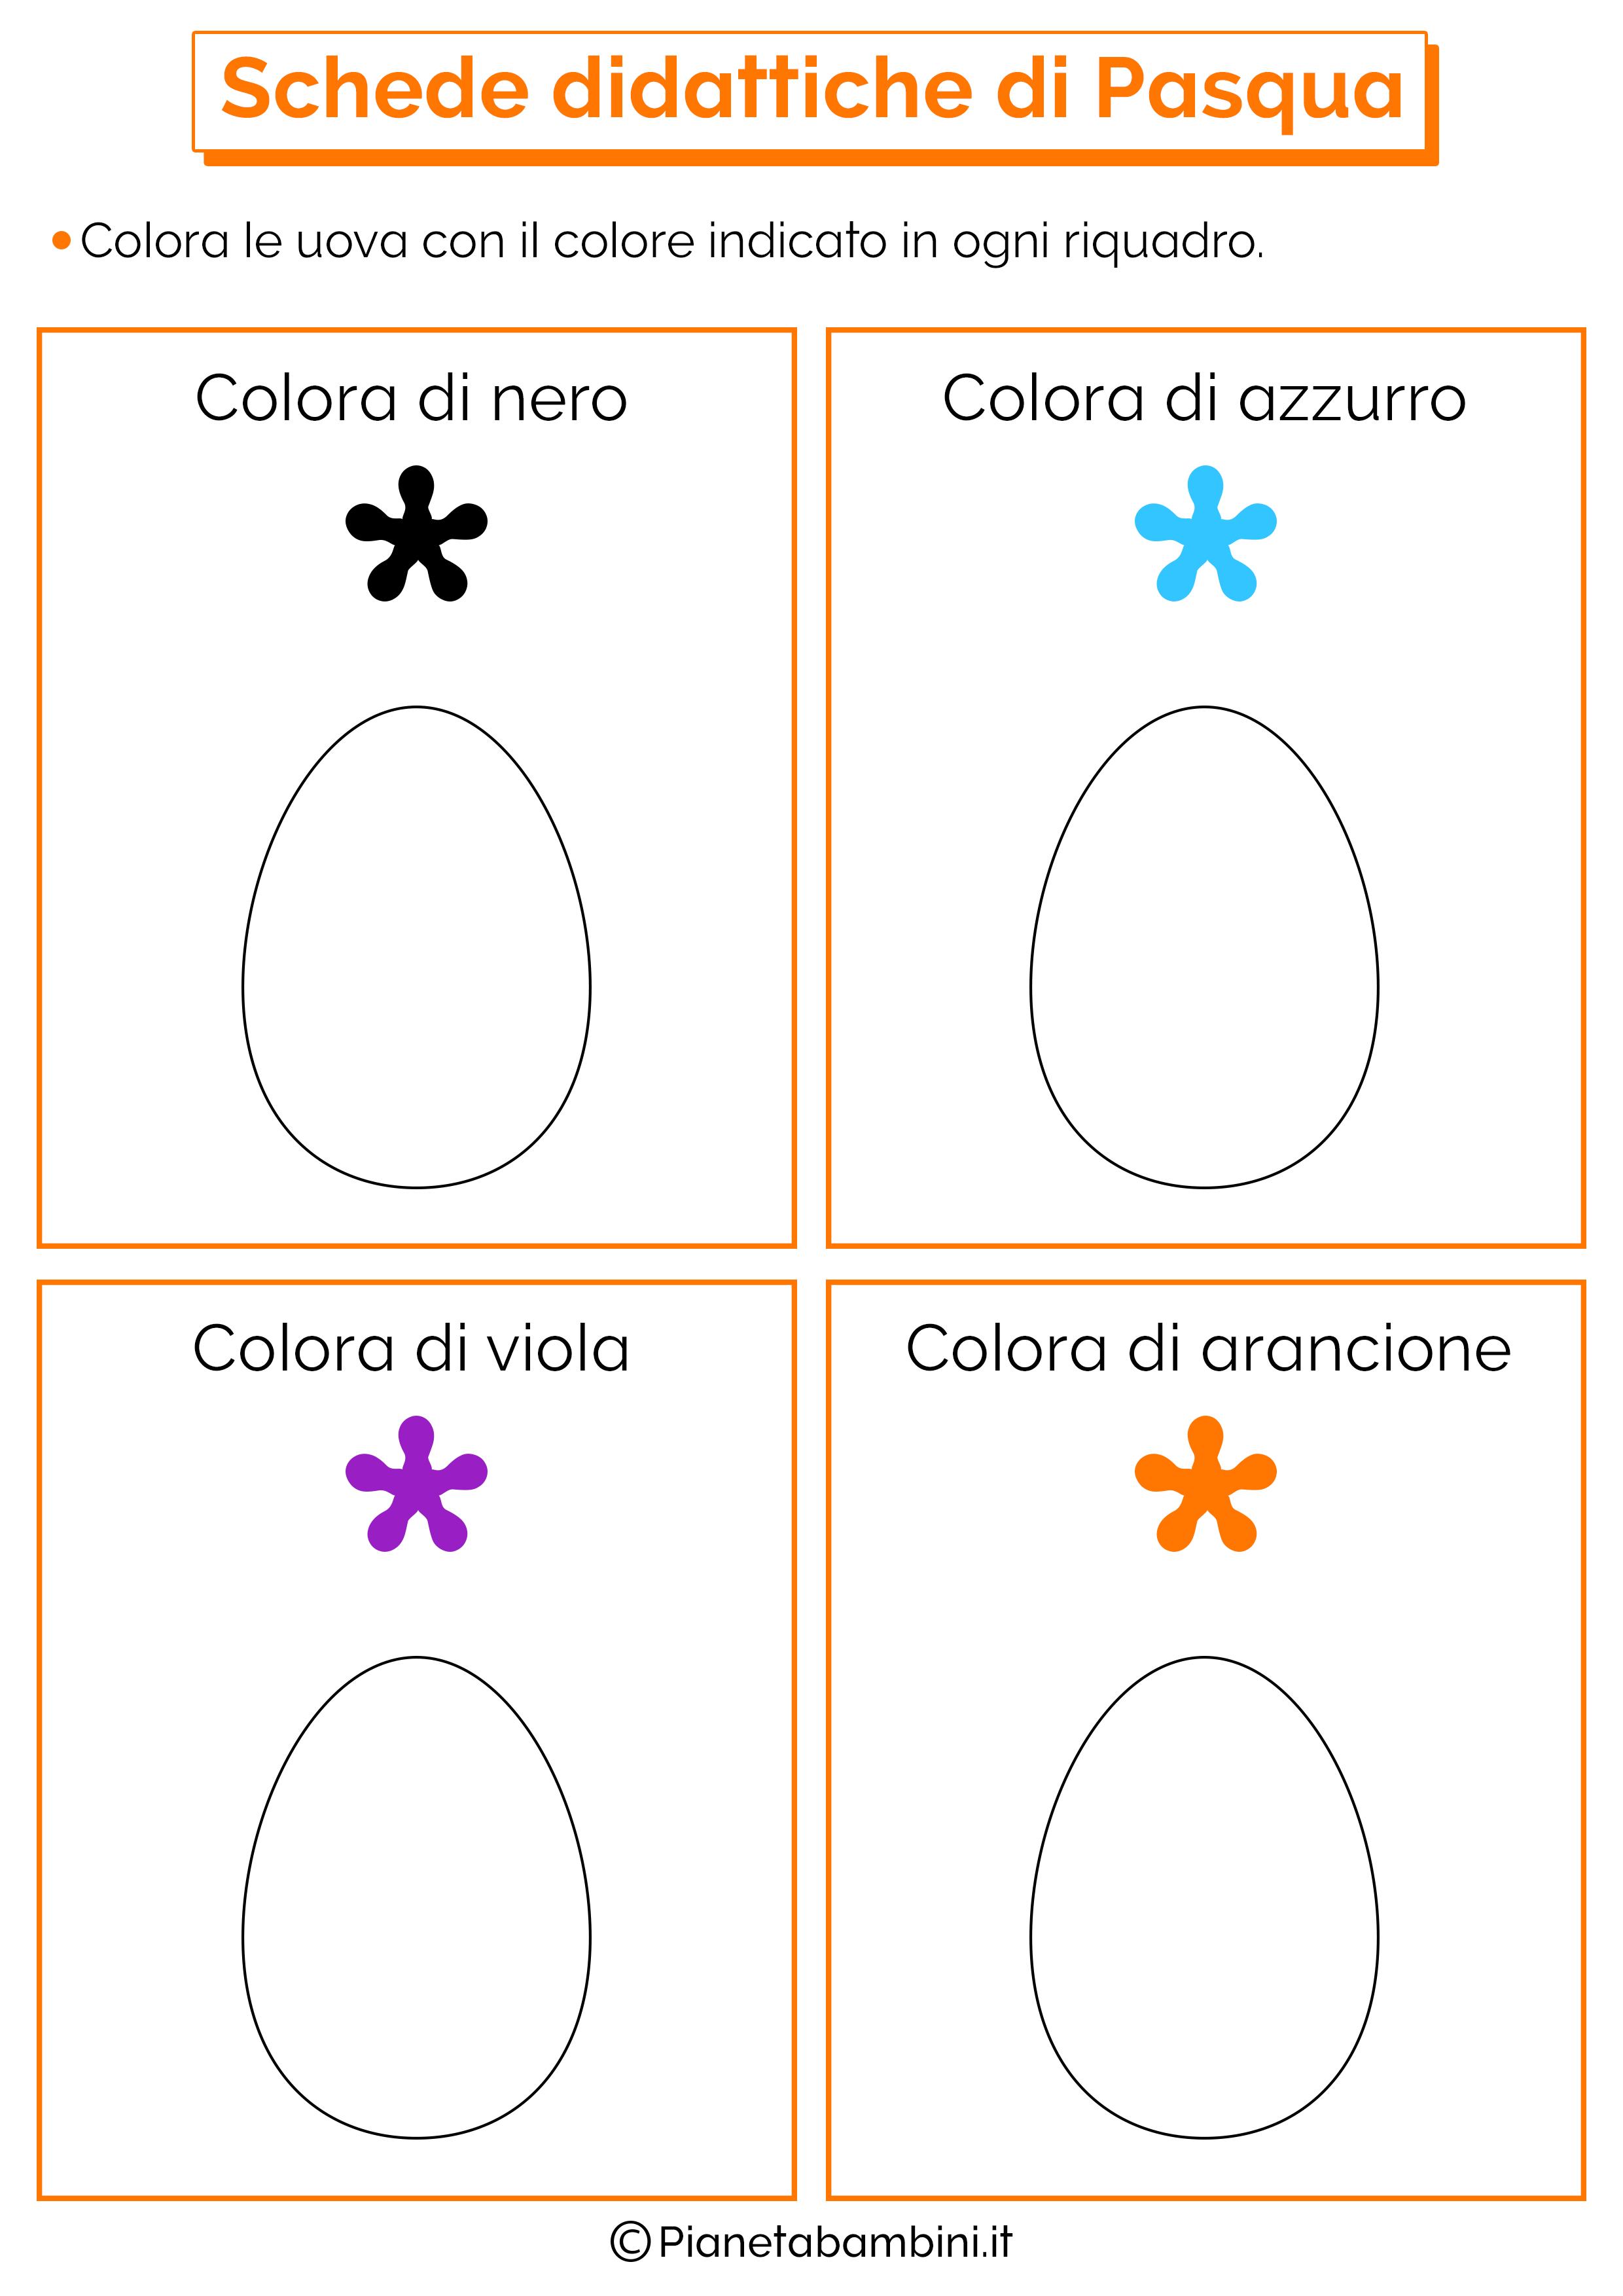 Schede Didattiche di Pasqua per la Scuola dell'Infanzia